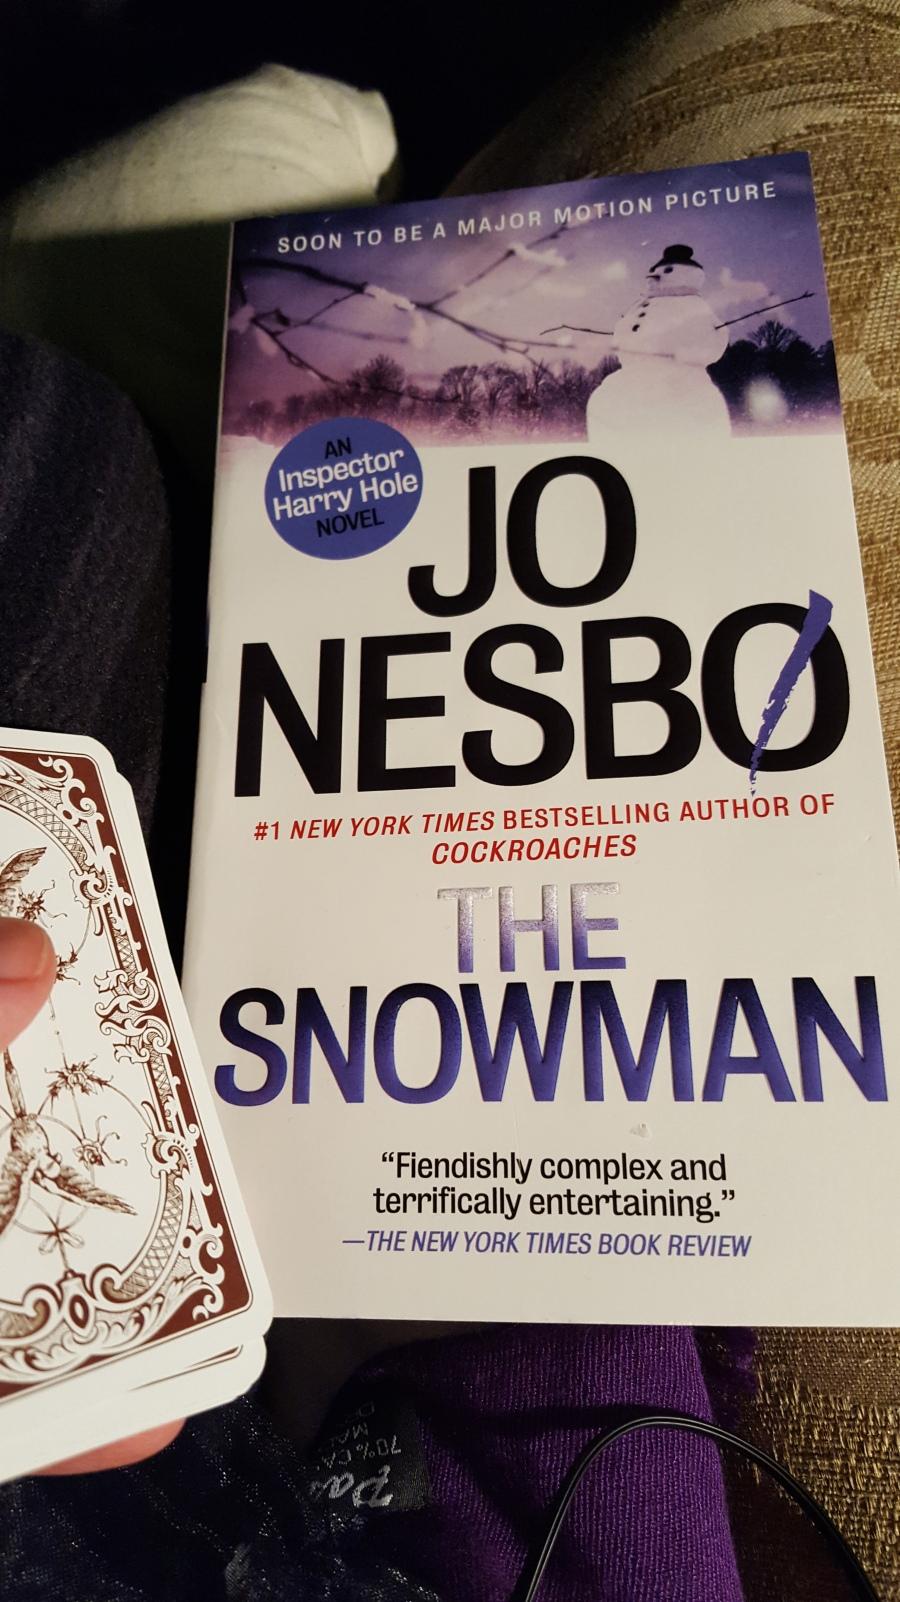 Jo Nesbo, The Snowman